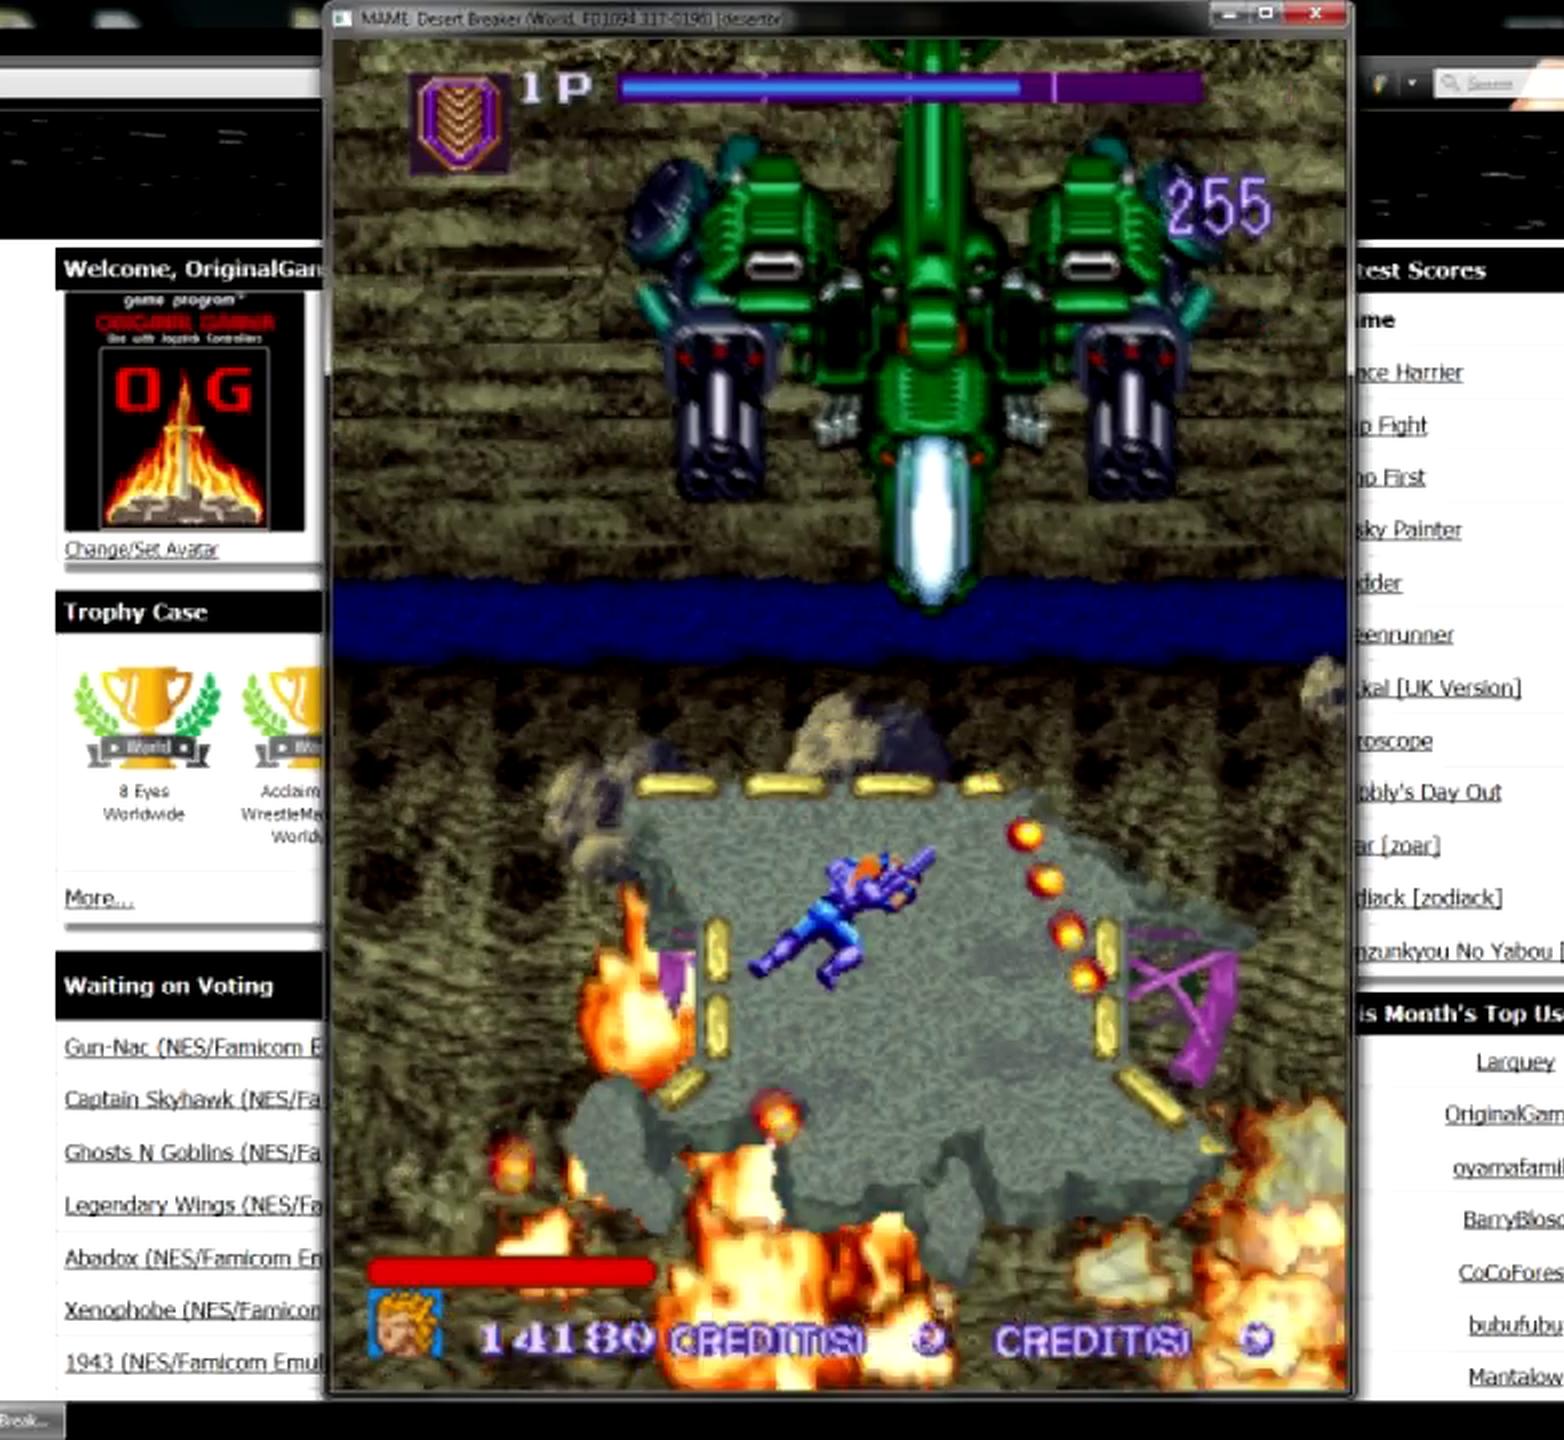 OriginalGamer: Desert Breaker [desertbr] (Arcade Emulated / M.A.M.E.) 14,180 points on 2015-05-11 13:54:30